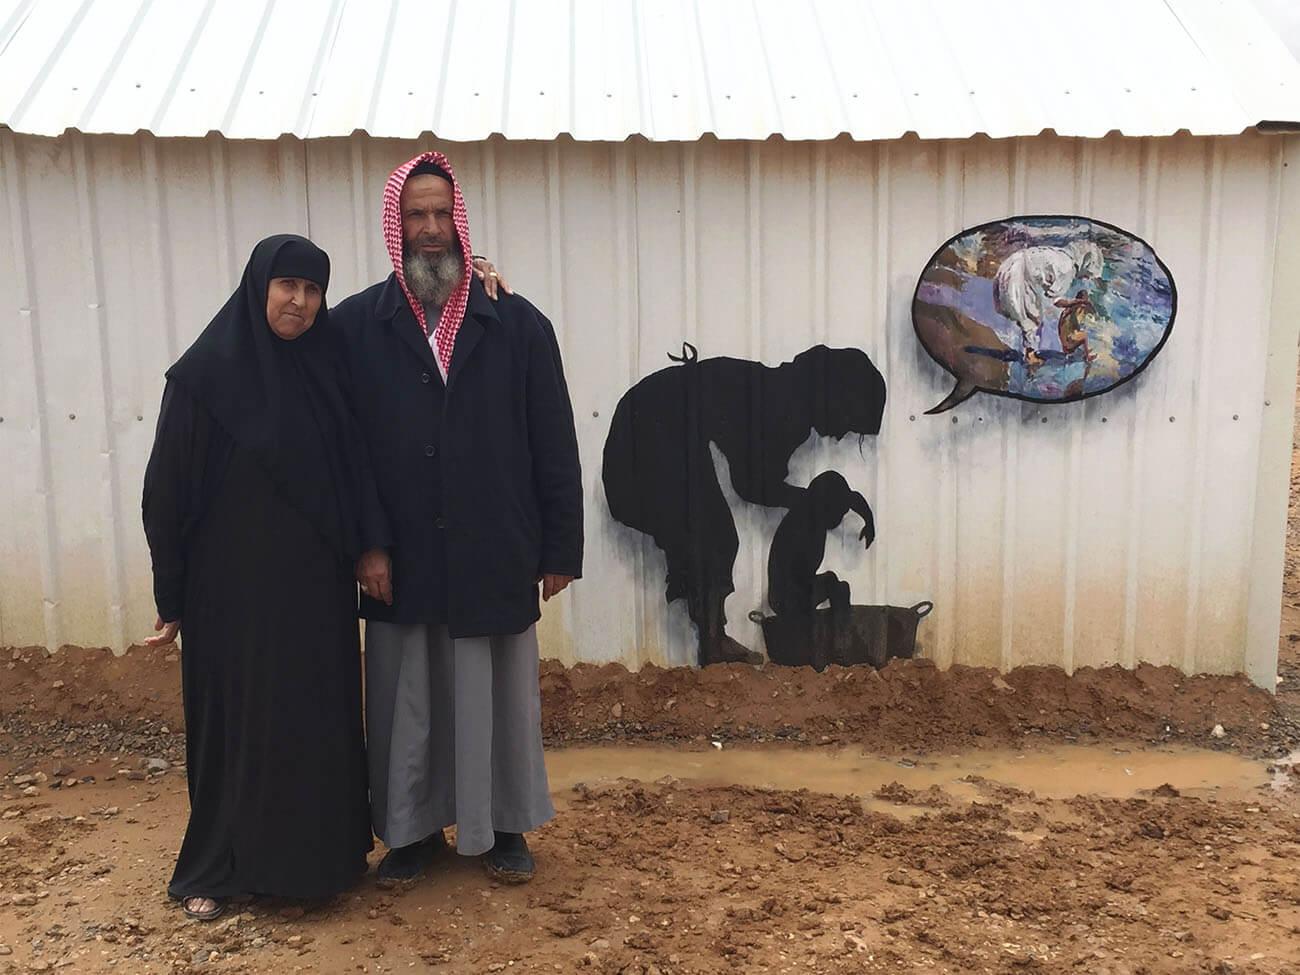 Pejac in Al-Azraq refugee camp, Amman Jordan 2016